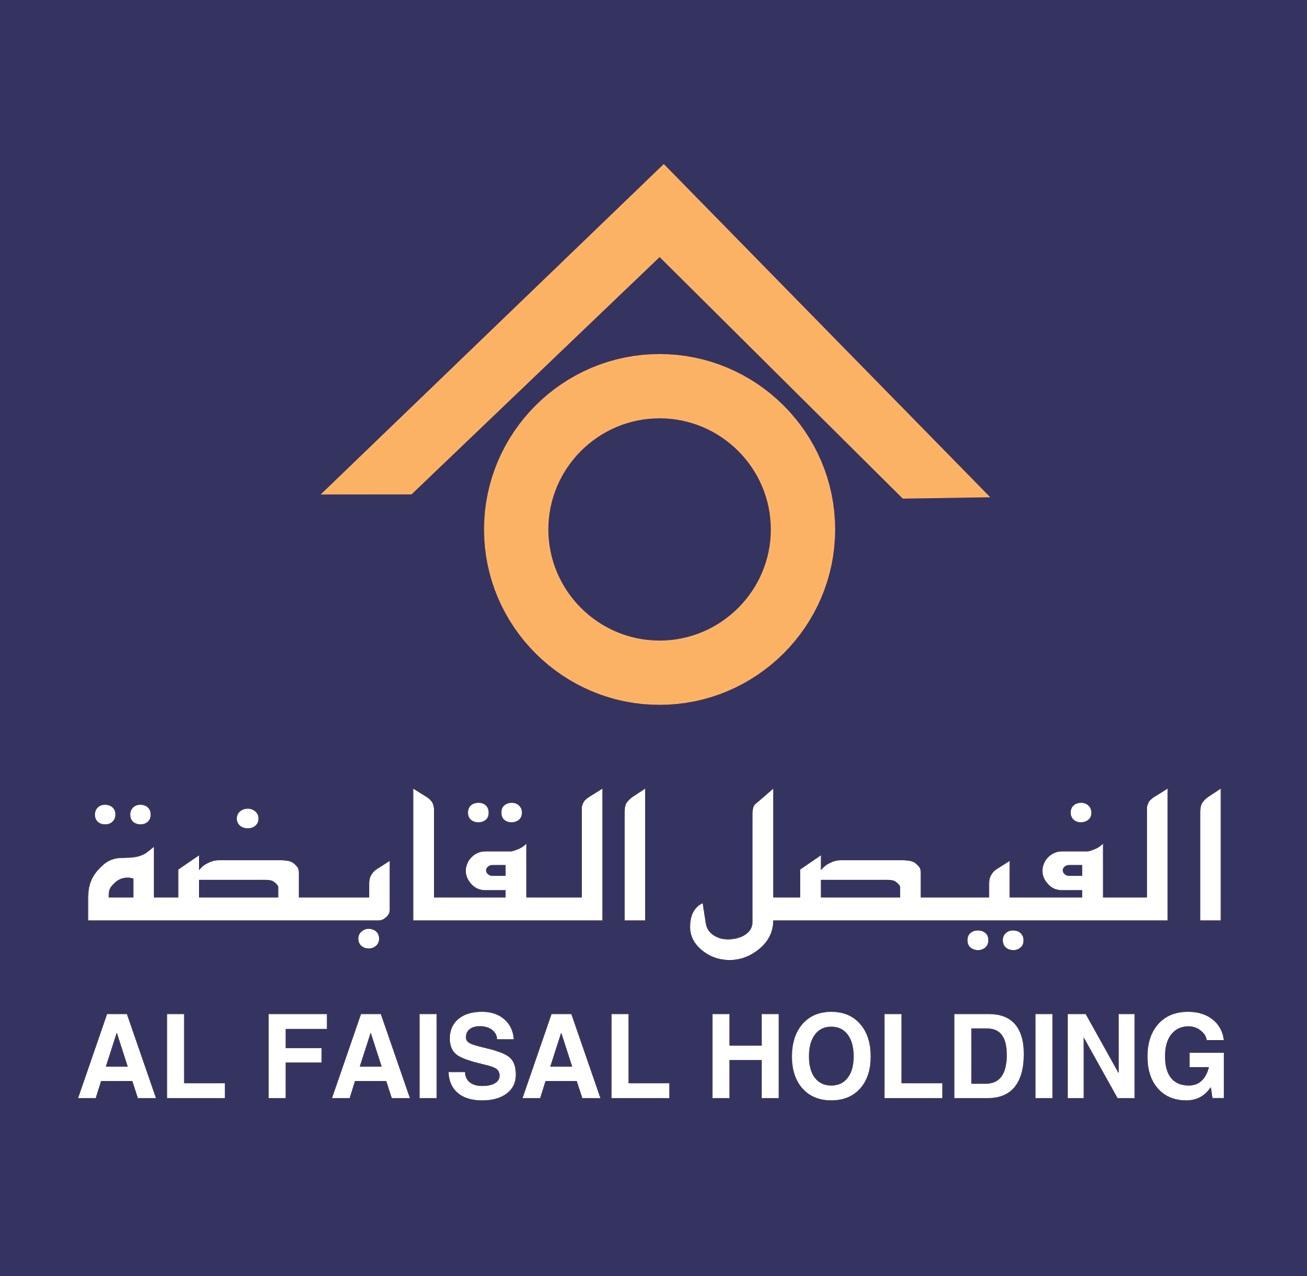 Qatar's Al Faisal Holding